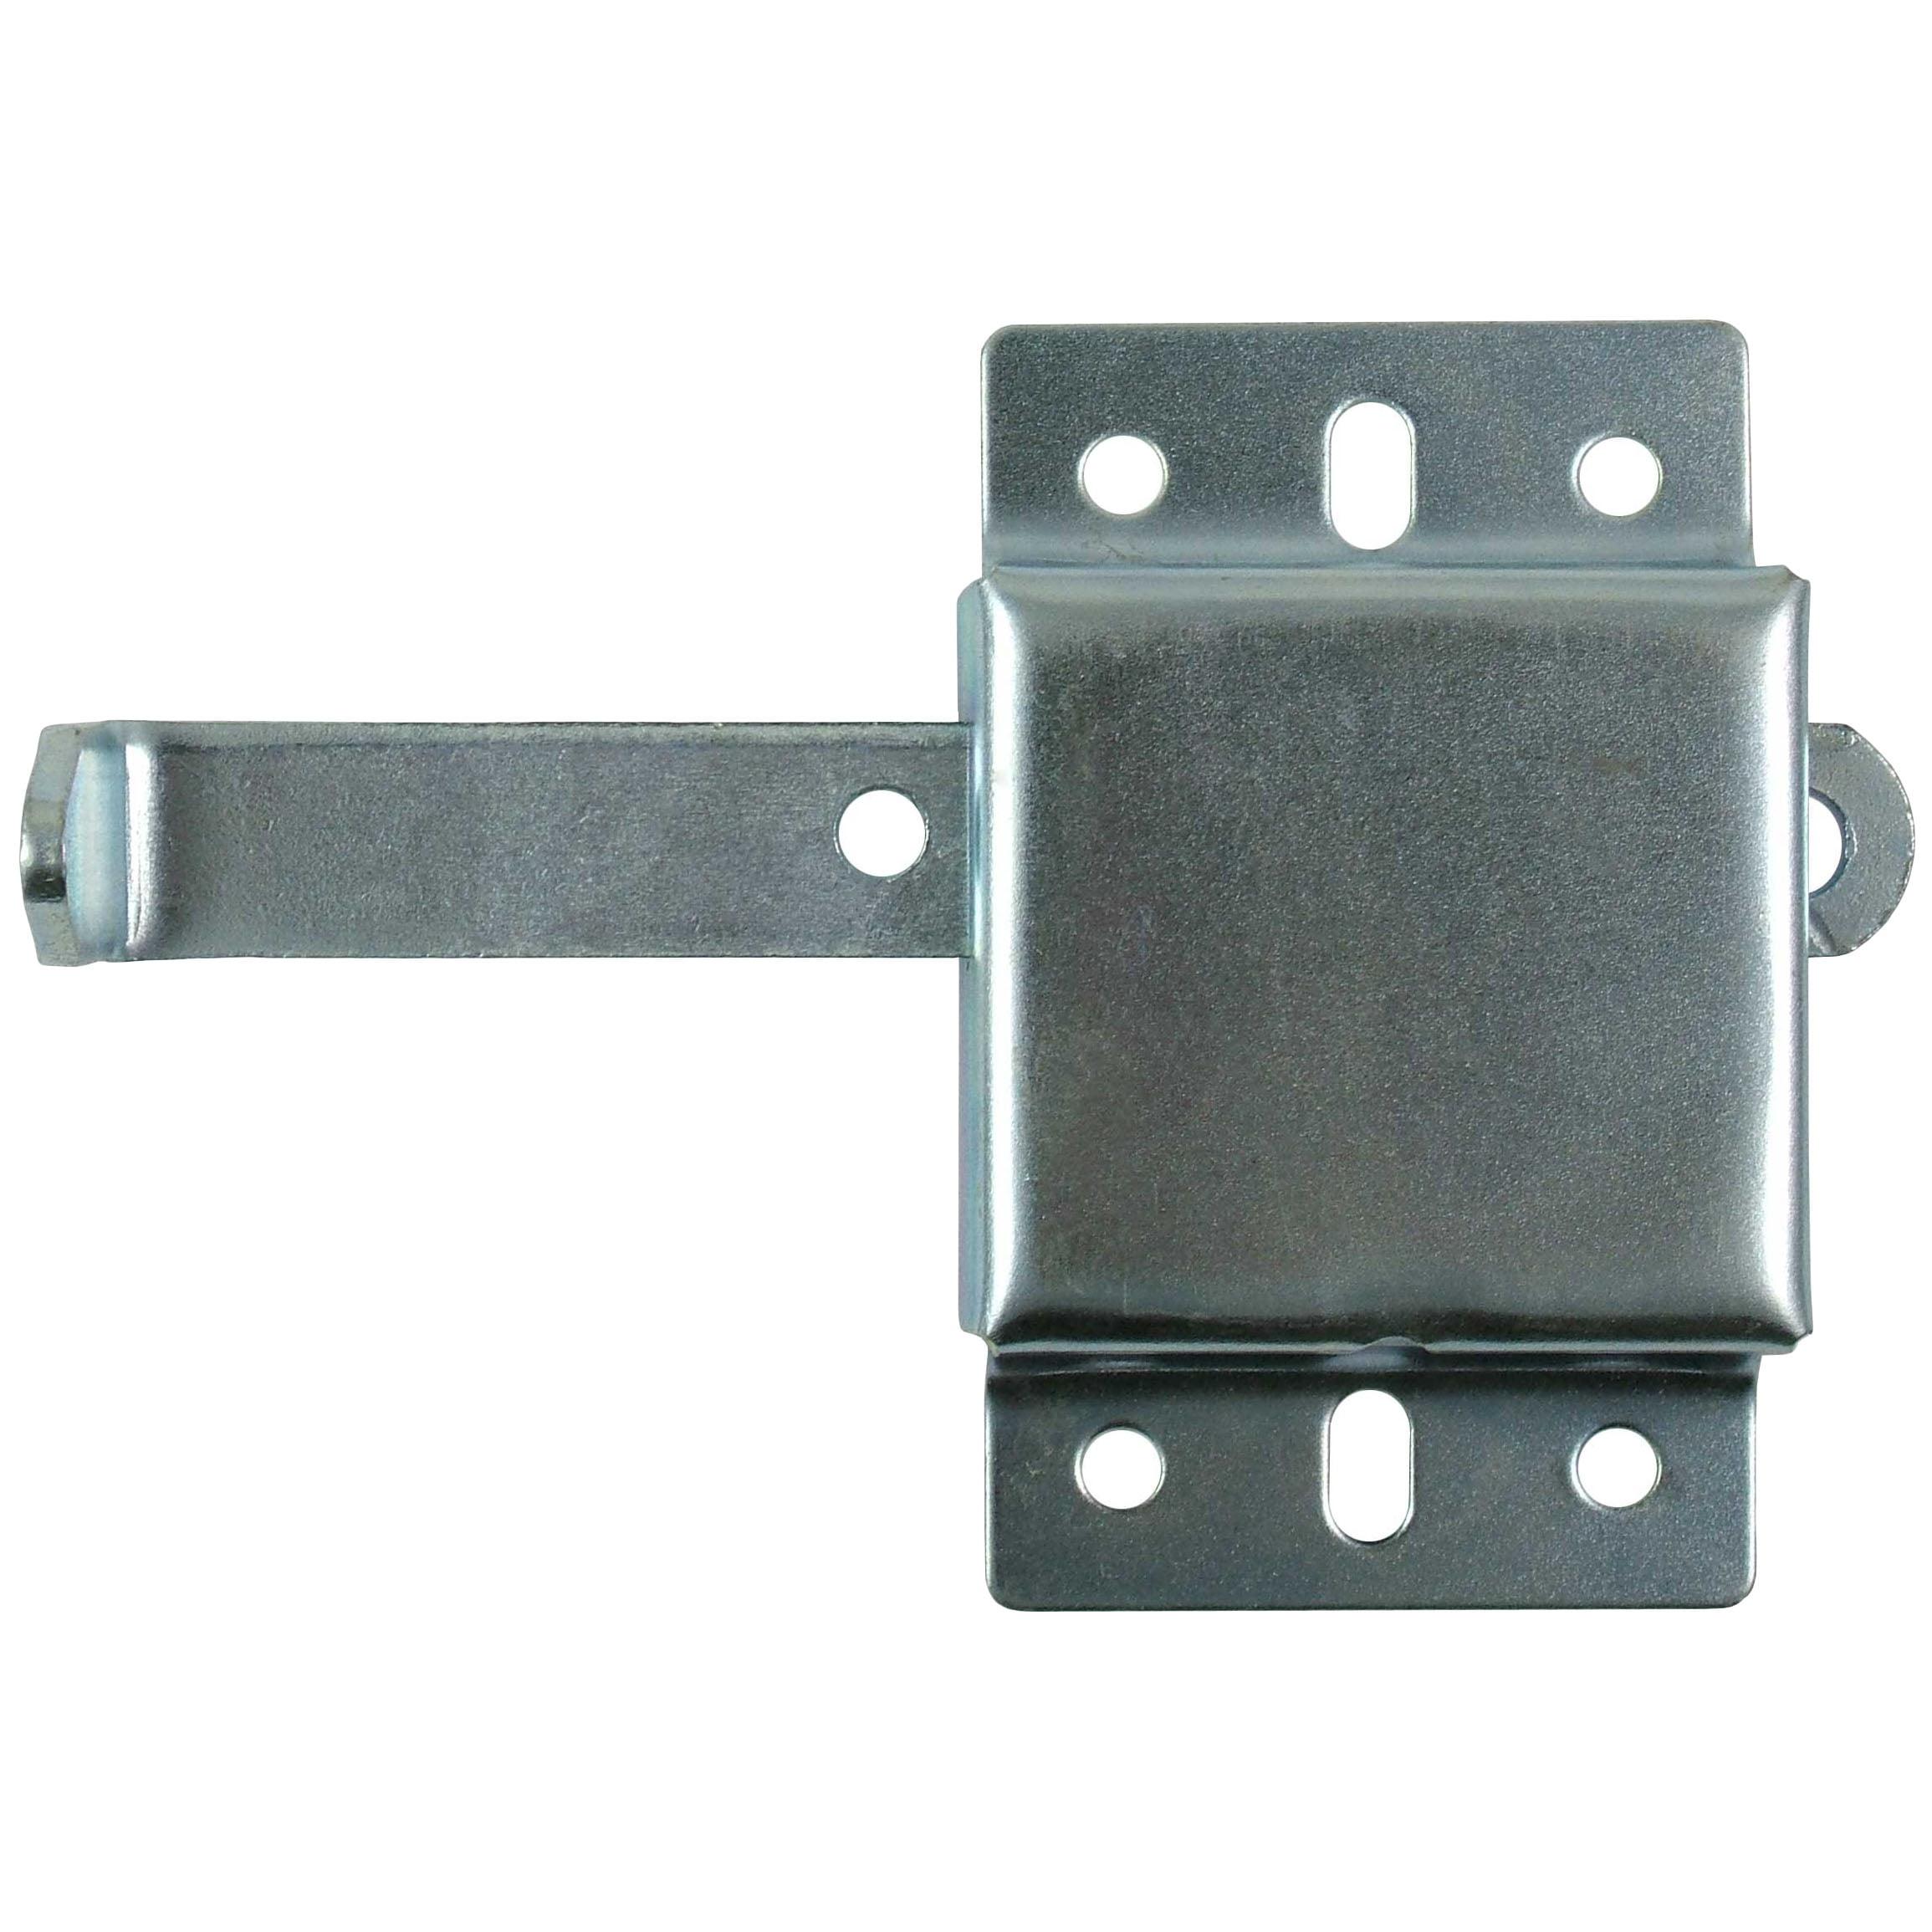 Right Han Garage Door L-Handle Lock with Inside Slide Lock Latch Mechanism Set